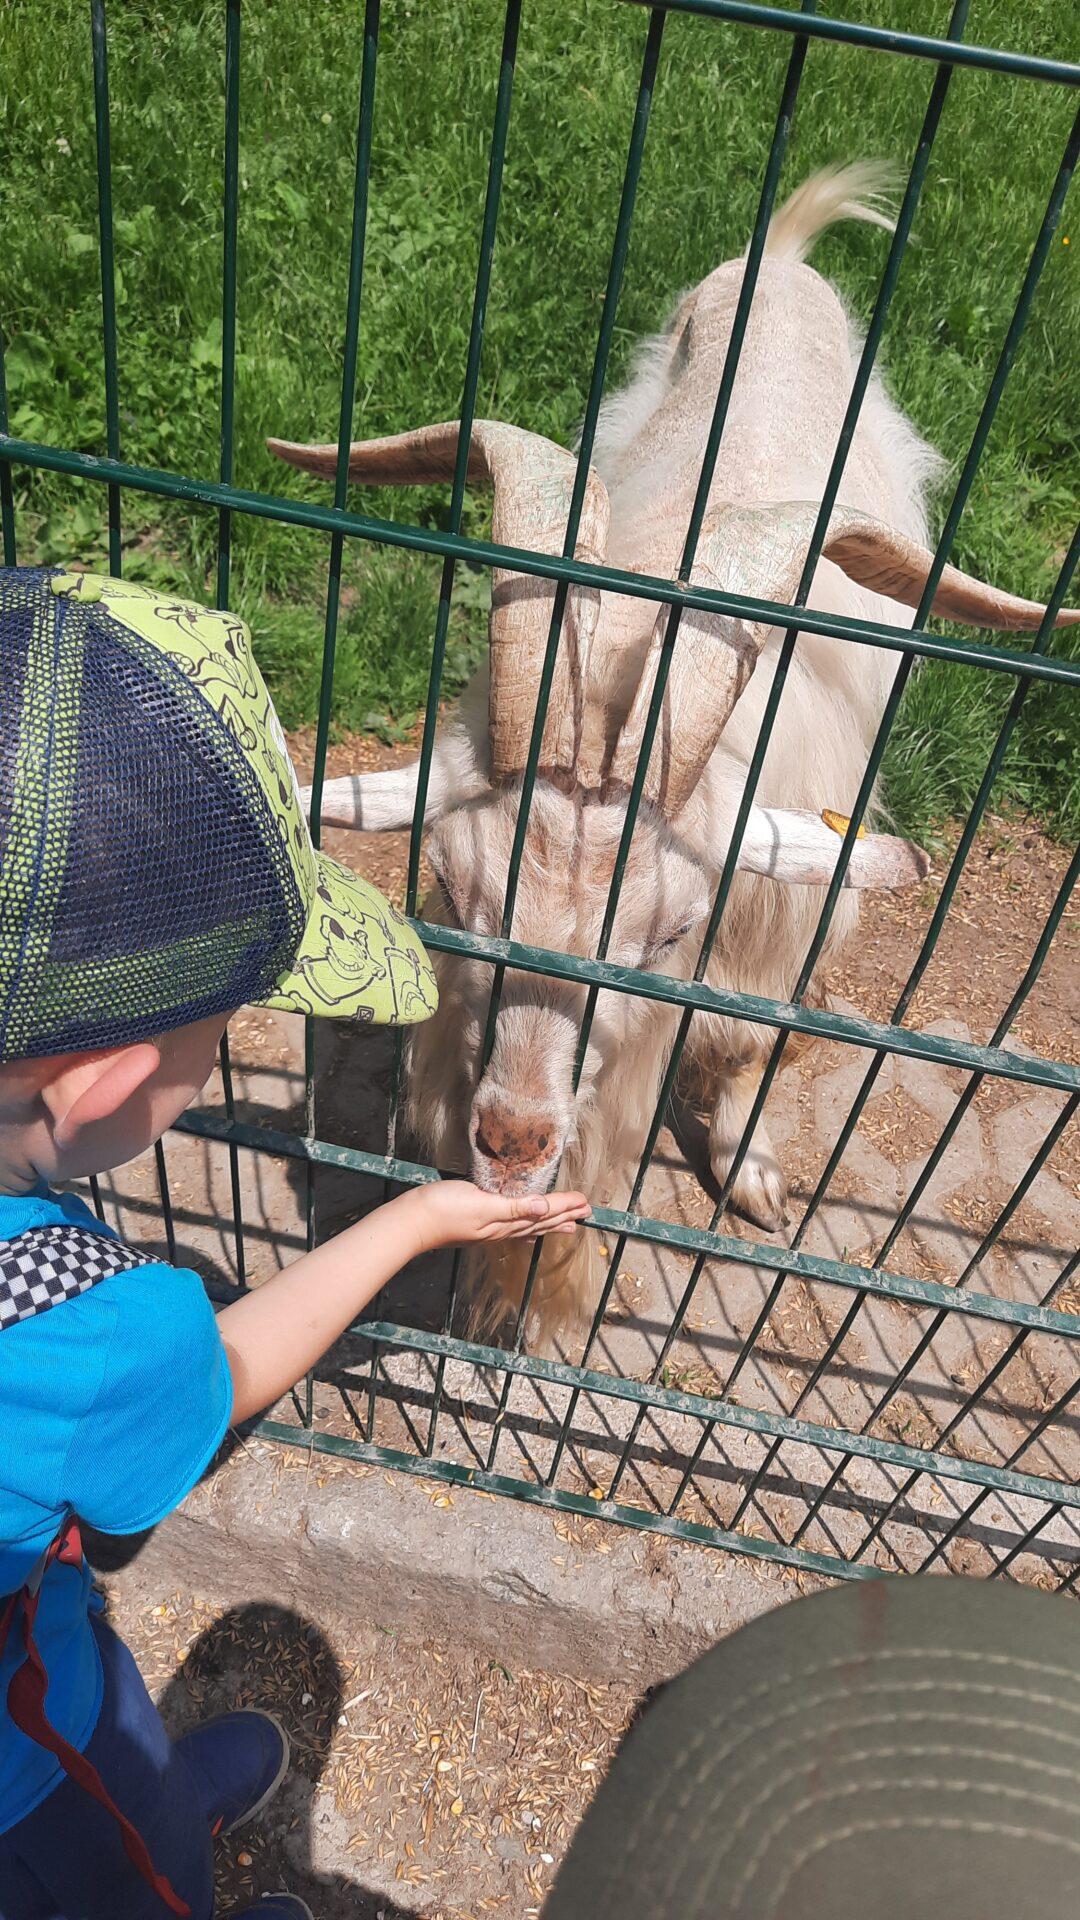 Czy to jeleń czy to dzik? Wycieczka do Parku Leśnych Niespodzianek